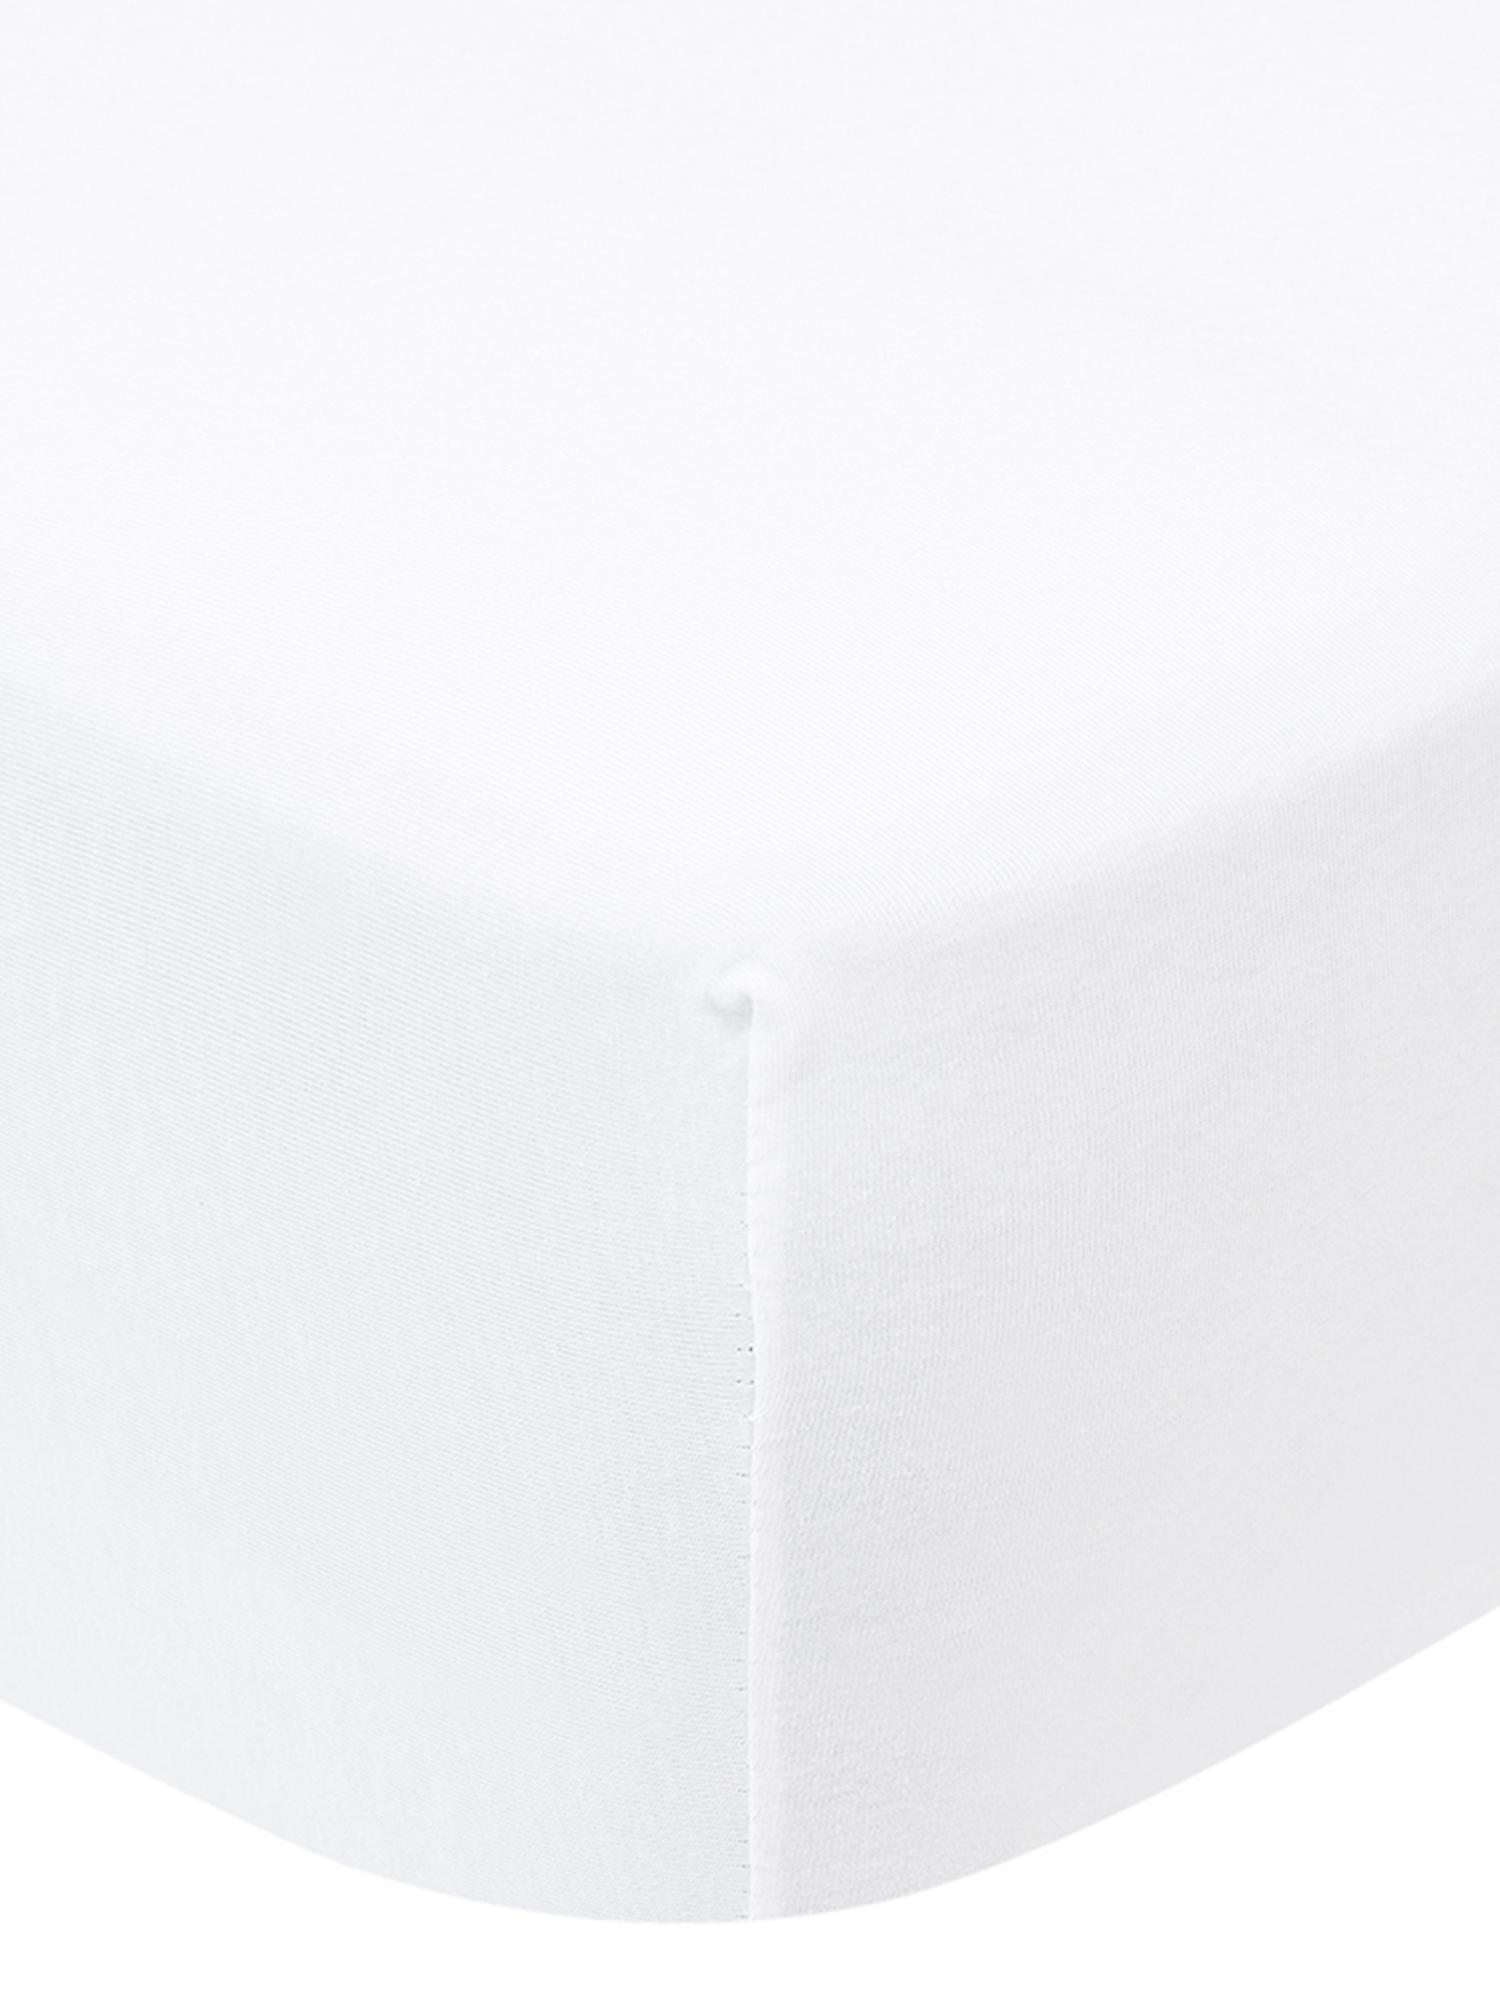 Spannbettlaken Lara, Jersey-Elasthan, 95% Baumwolle, 5% Elasthan, Weiß, 160 x 200 cm